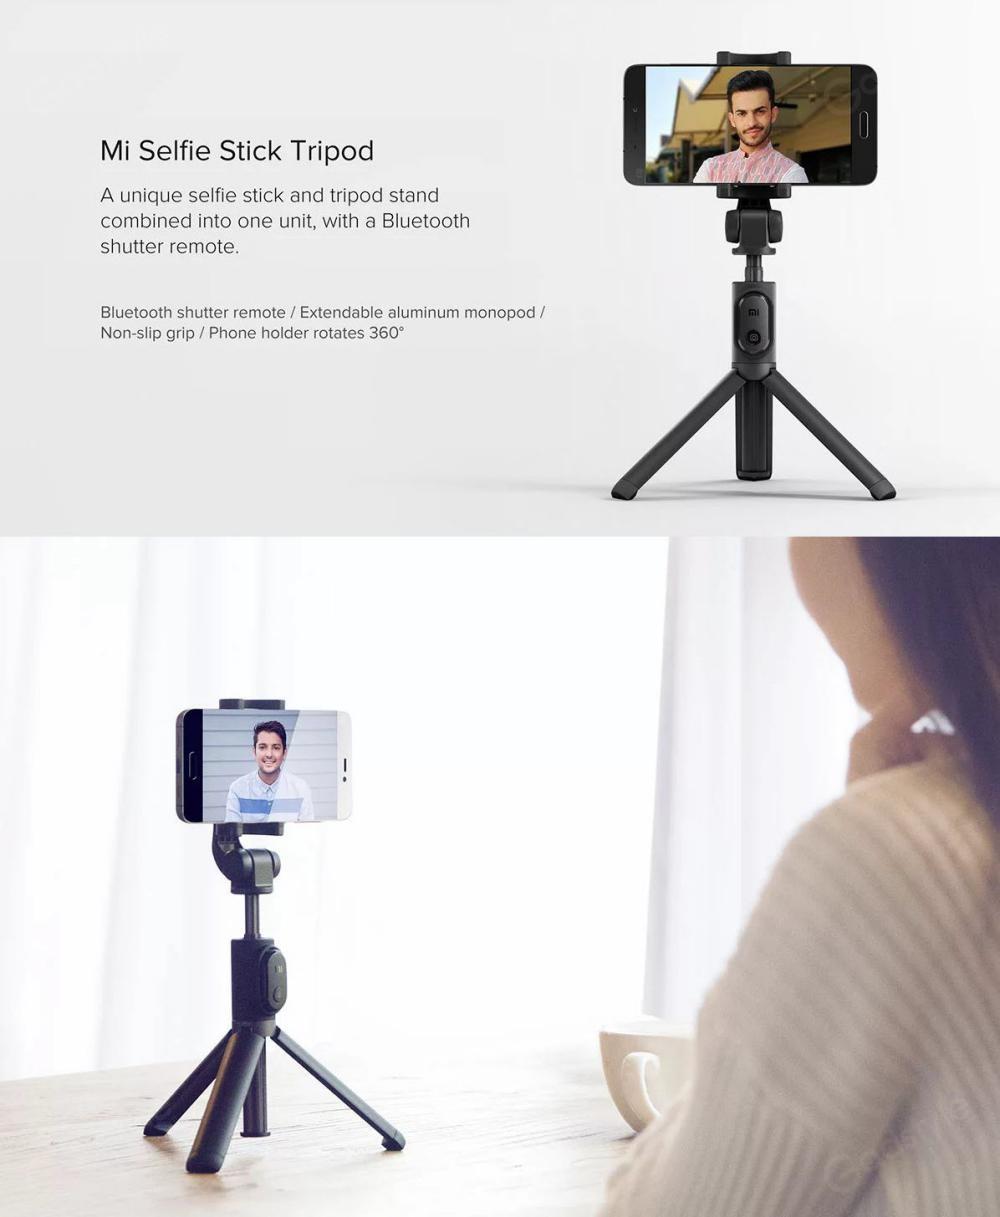 Xiaomi Mi Bluetooth Selfie Stick With Tripod (2)